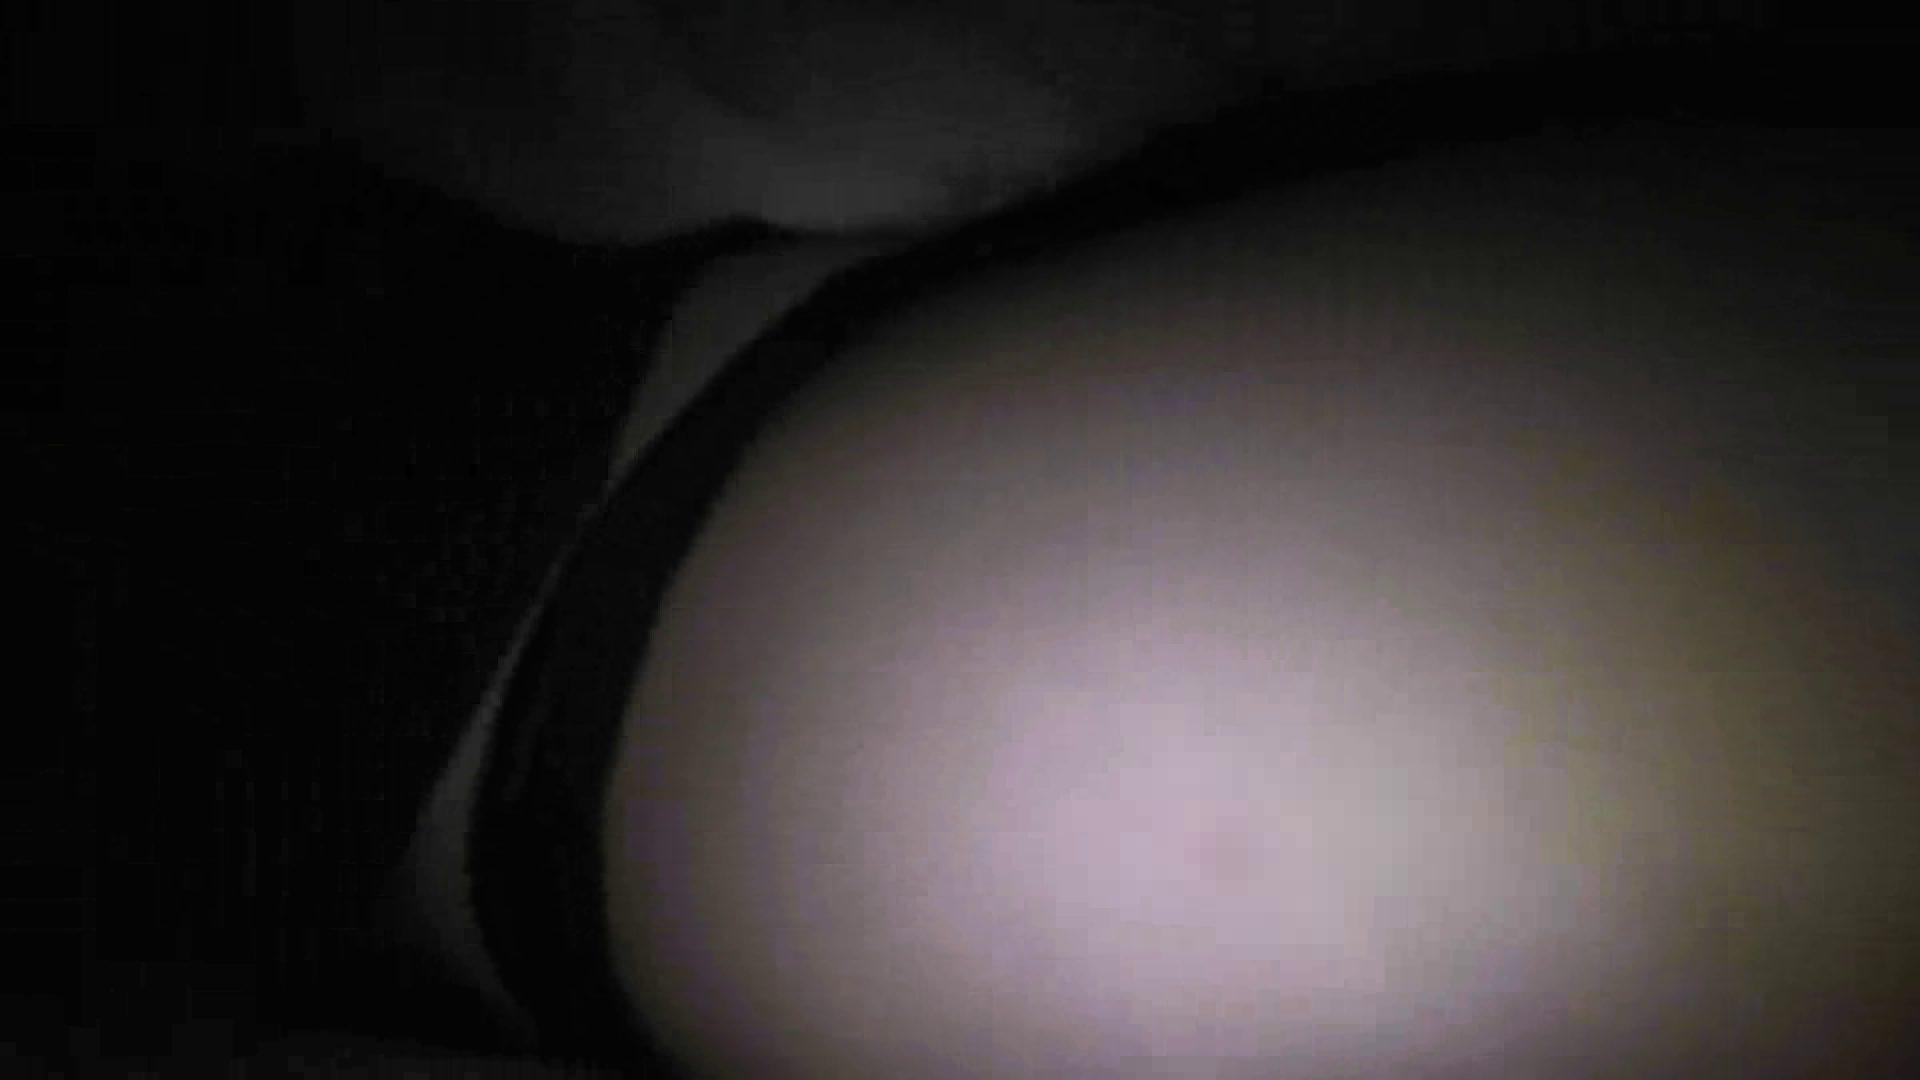 (年末年始限定復活)悲鳴☆懲役12年の犯行記録 現役ギャル | マンコ・ムレムレ  94pic 66